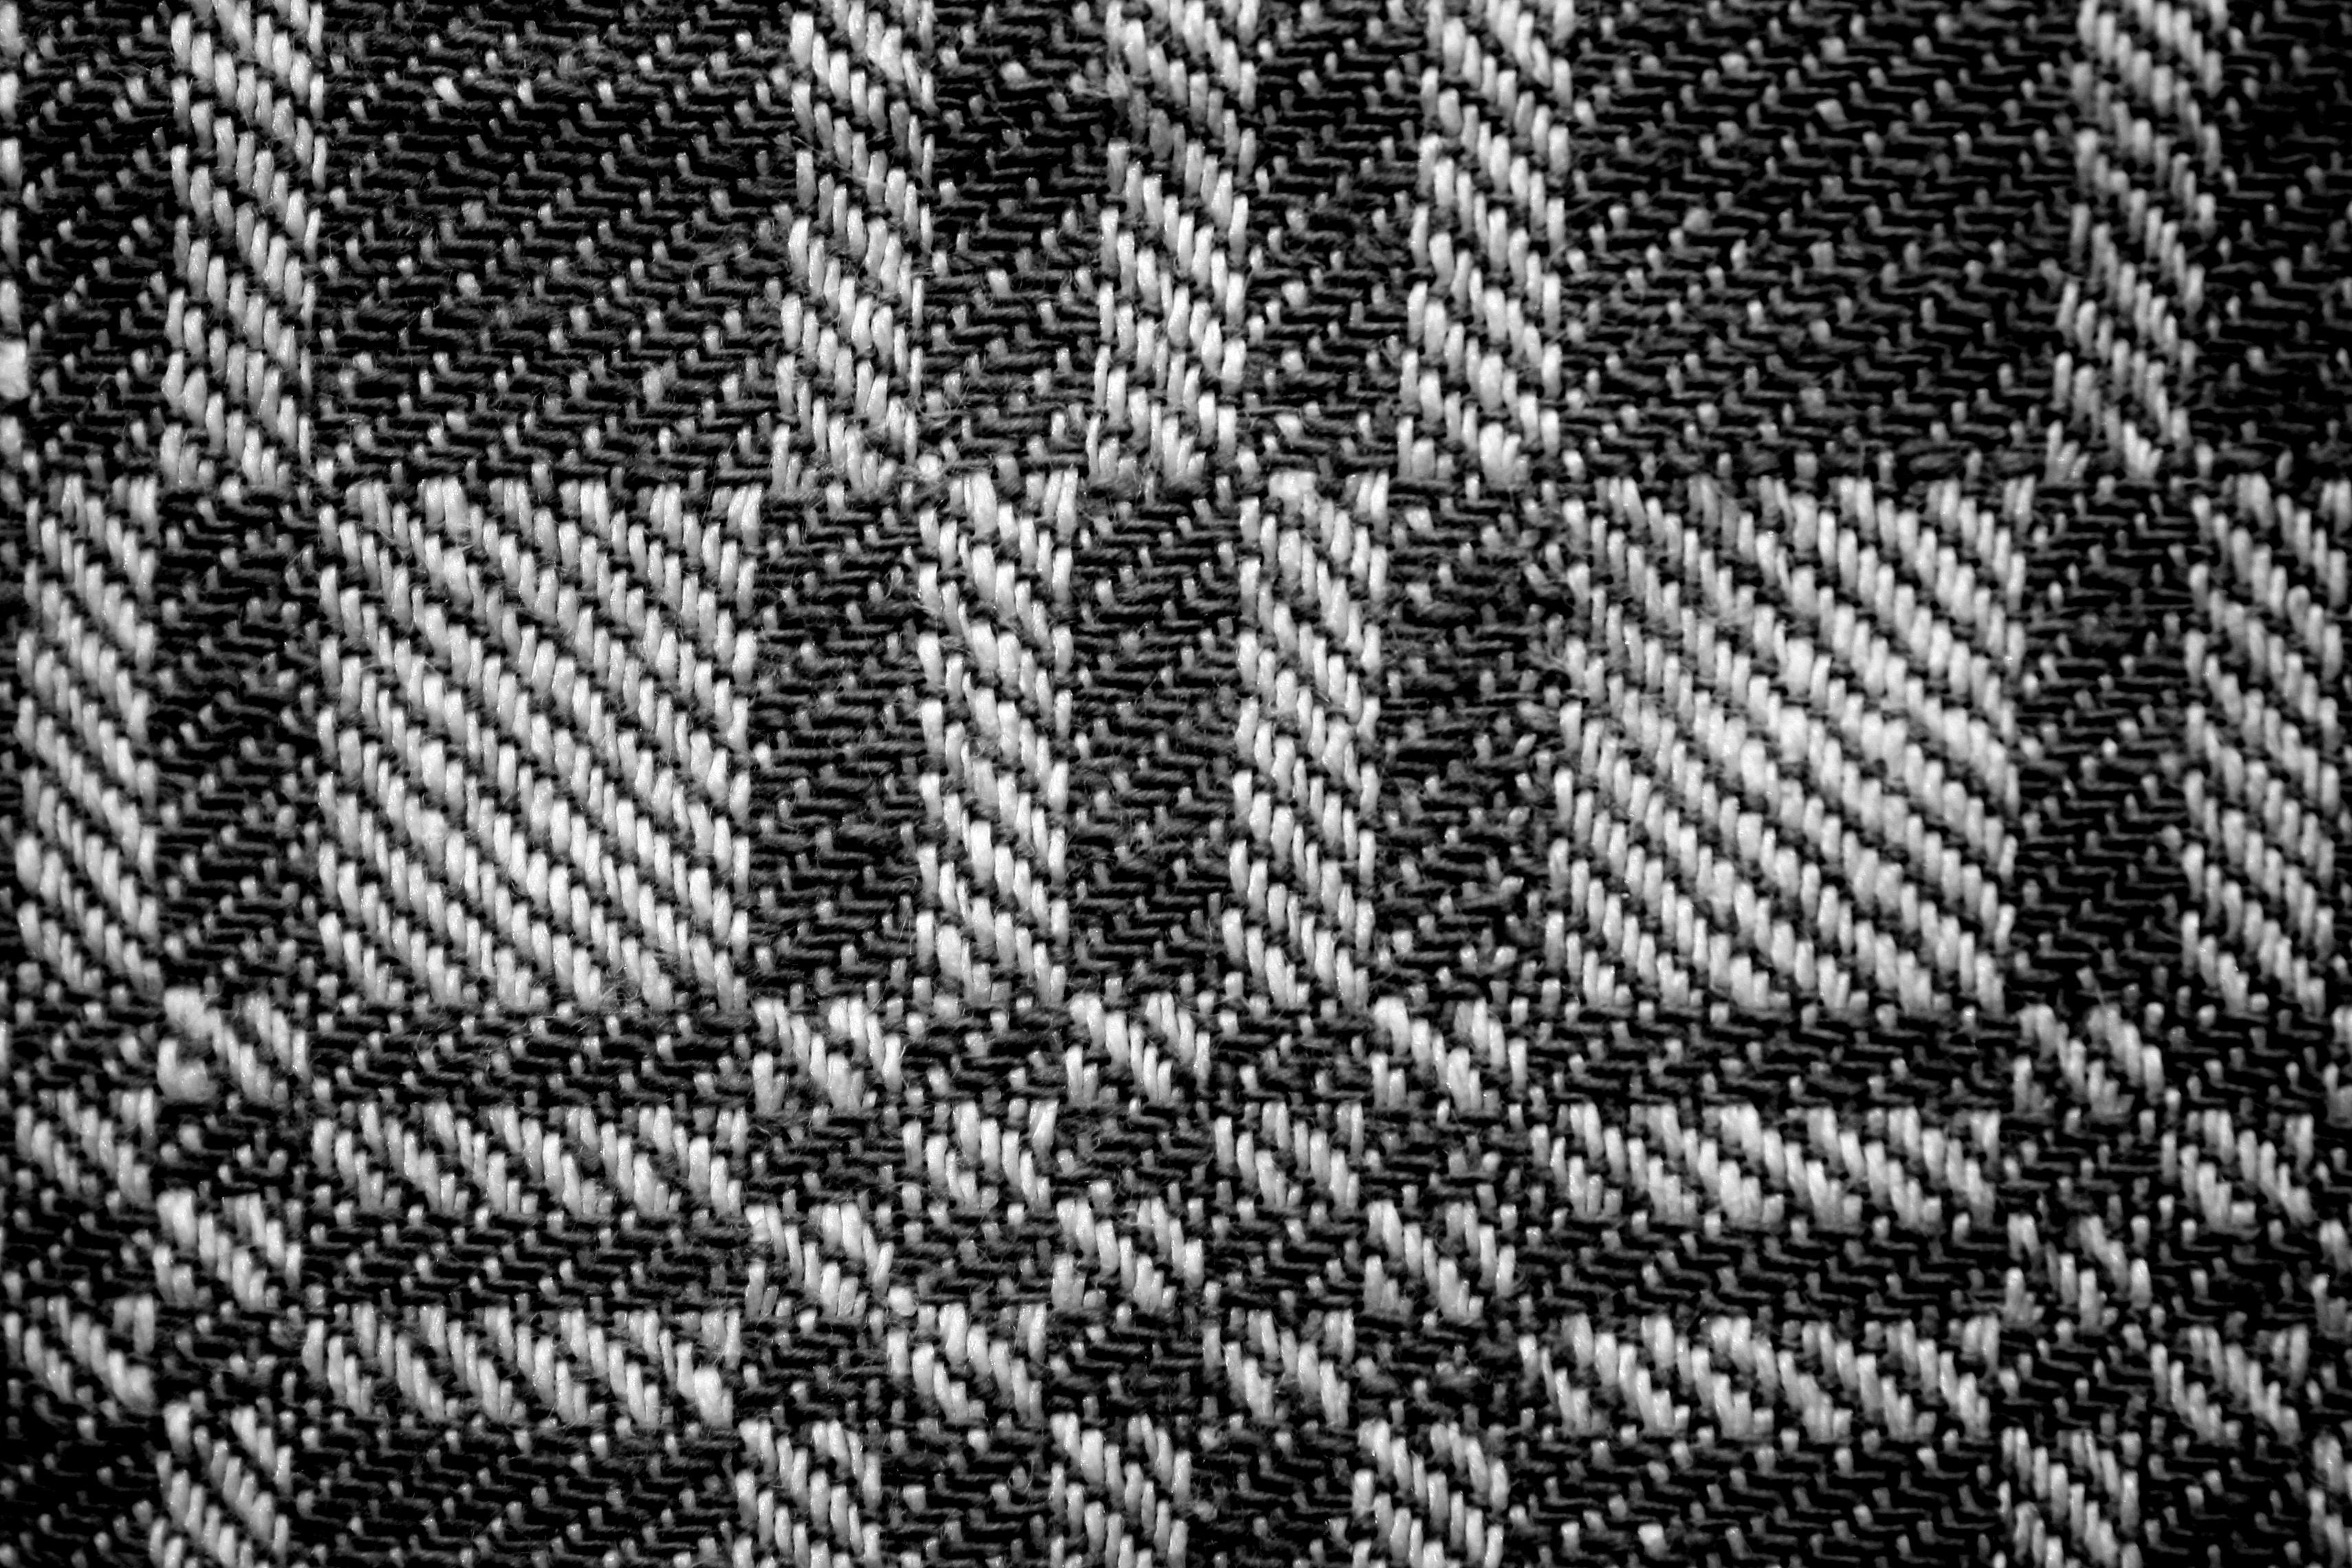 Imagen gratis: paño, tela tejida, textura, patrón cuadrado